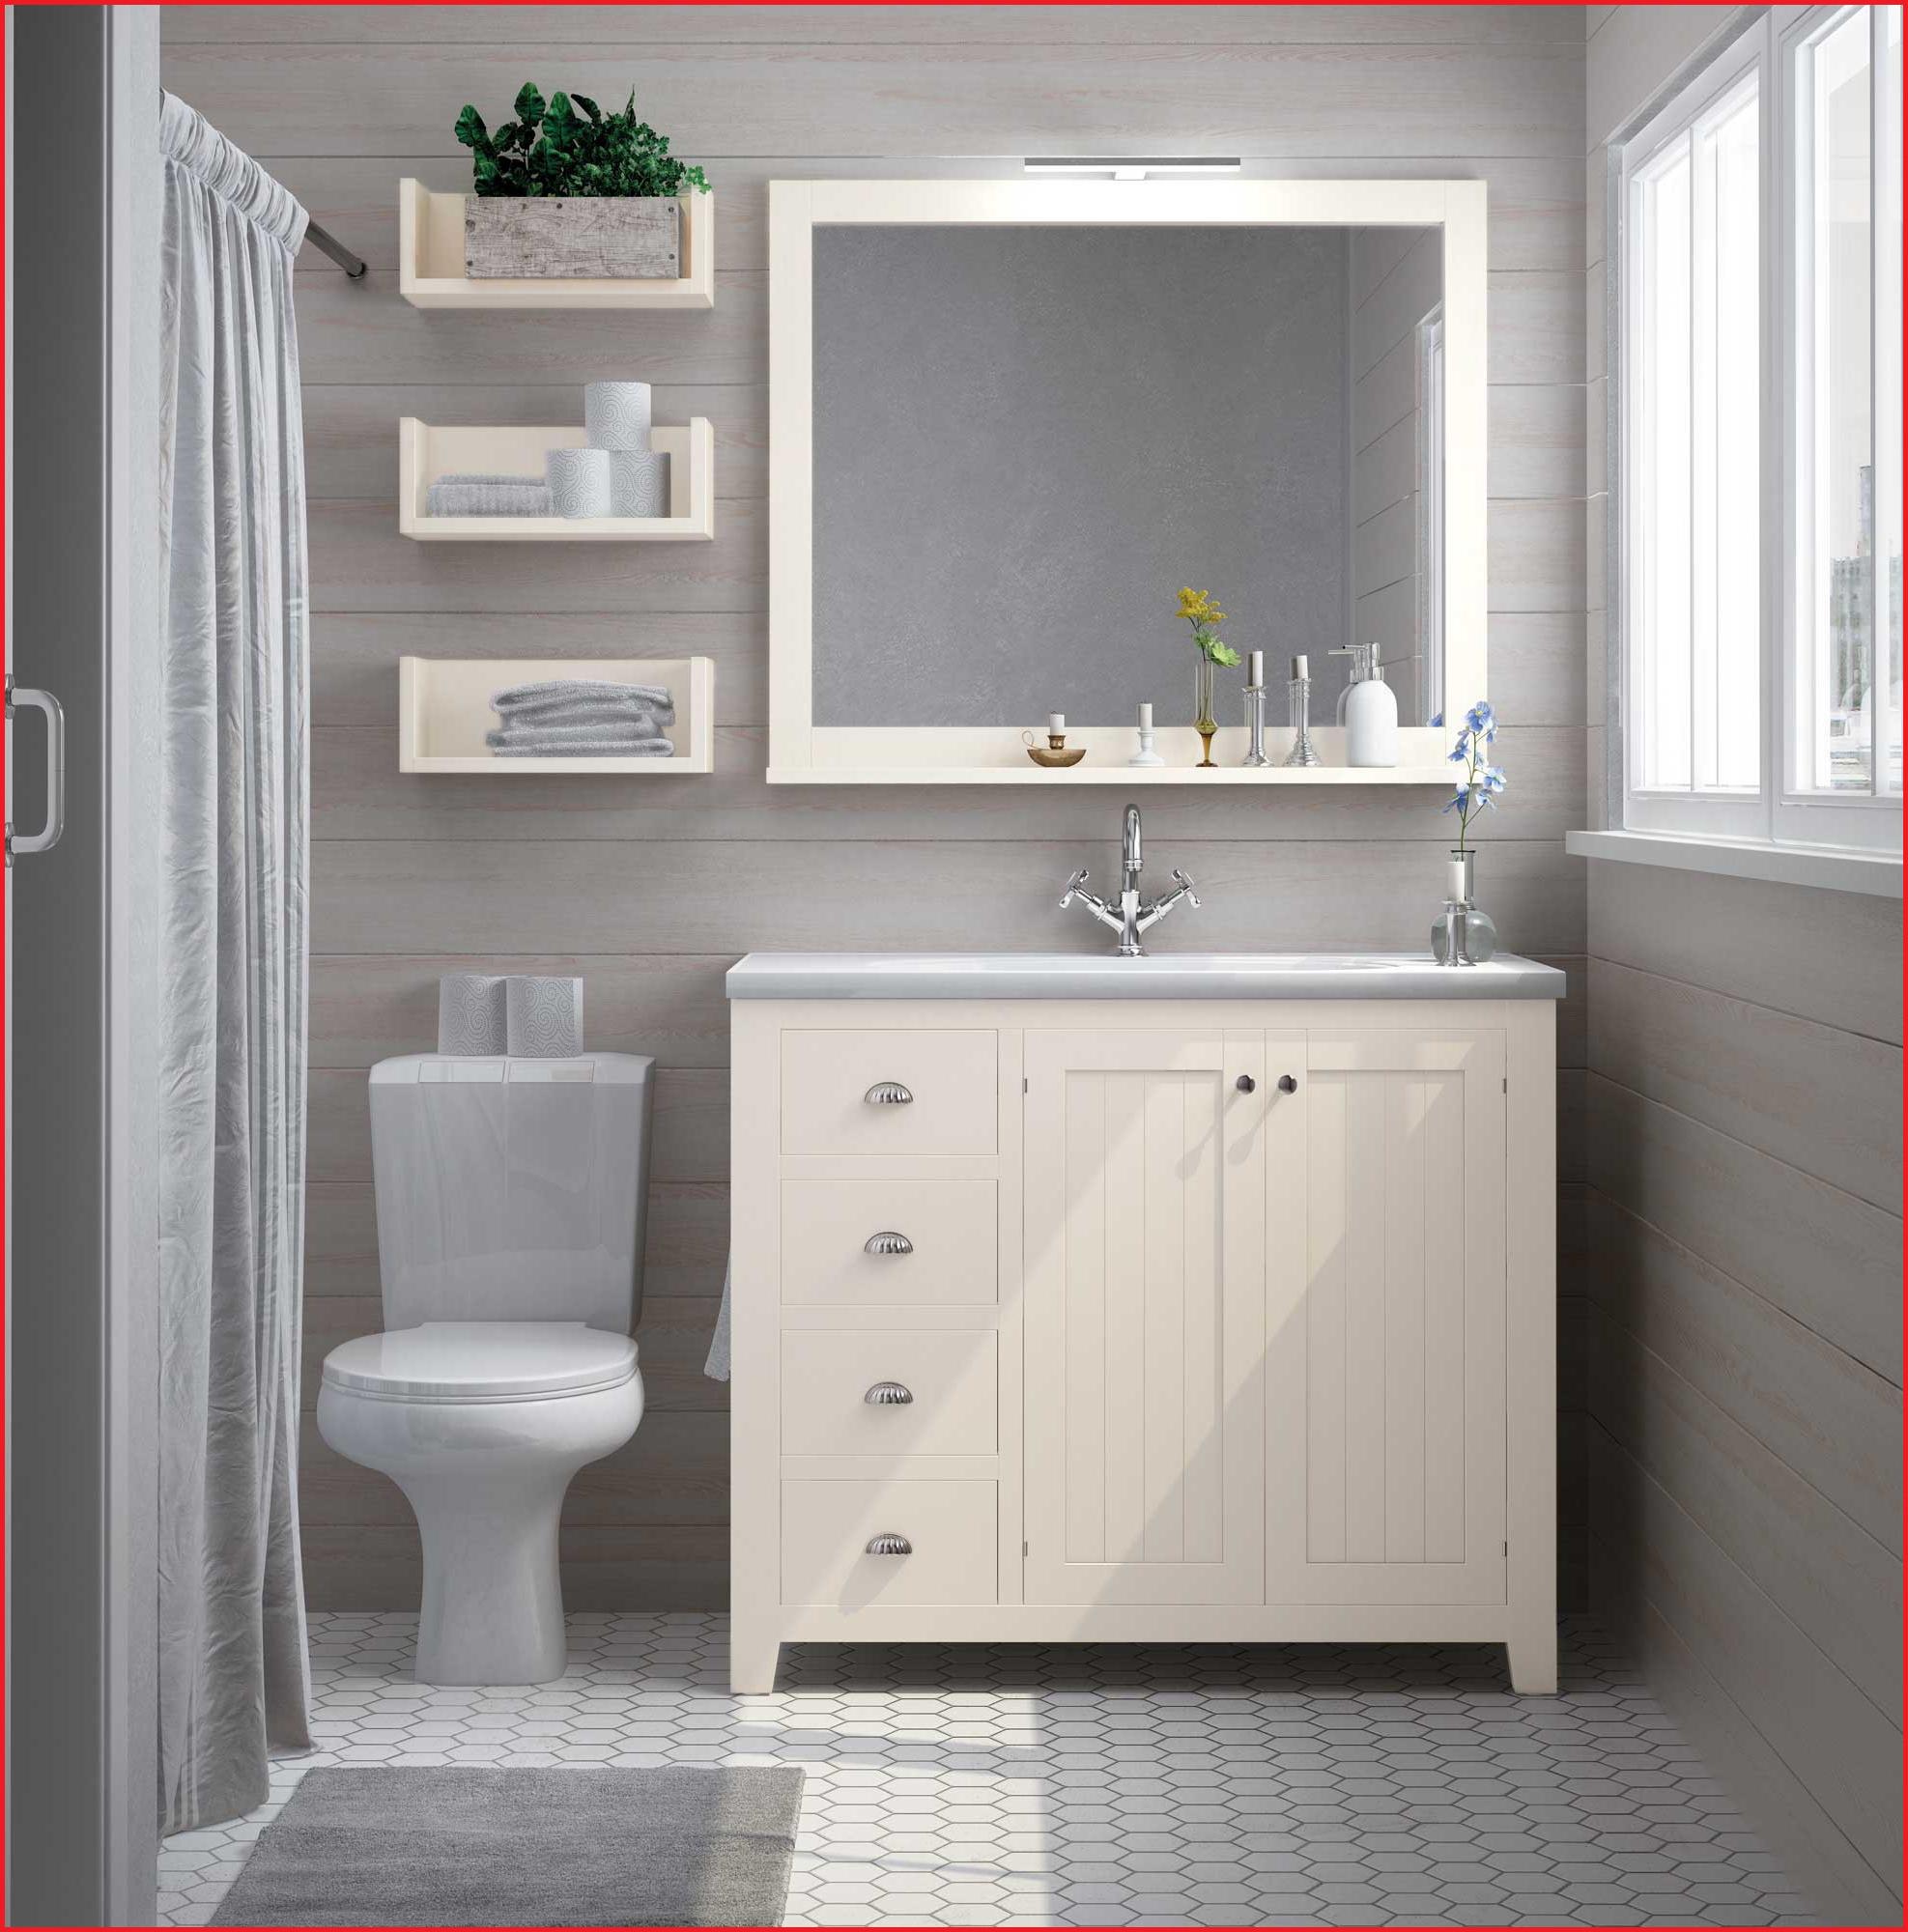 Muebles De Baño Con Espejo Tldn Muebles Espejo Baà O Muebles Espejo BaO Focos Espejo BaO